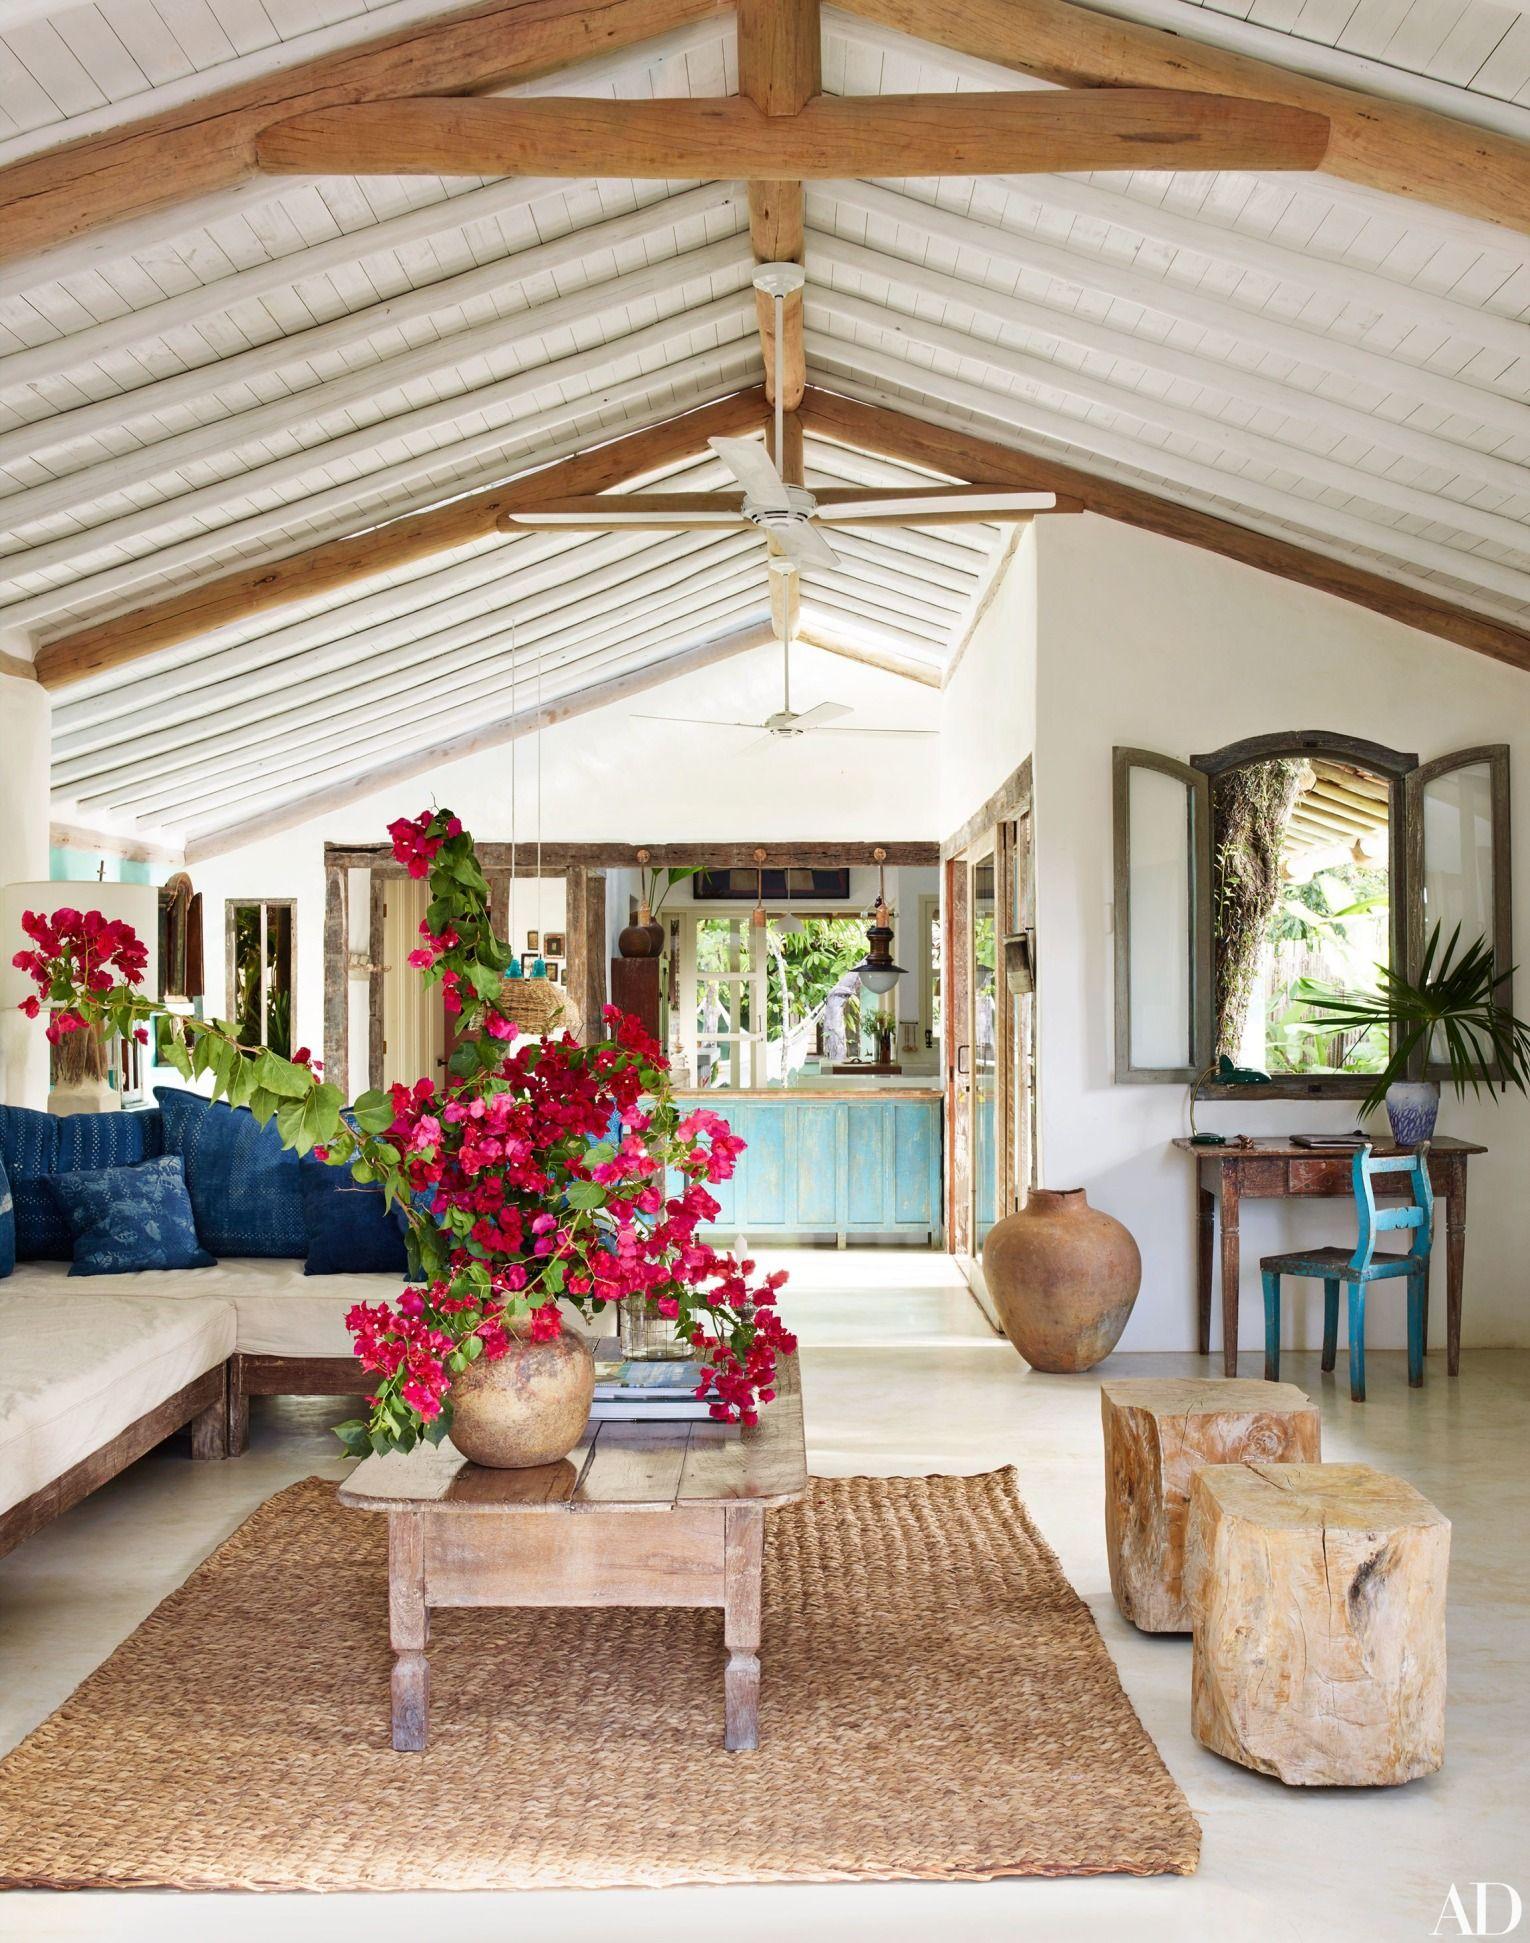 Go inside anderson cooperus trancoso brazil vacation home brazil